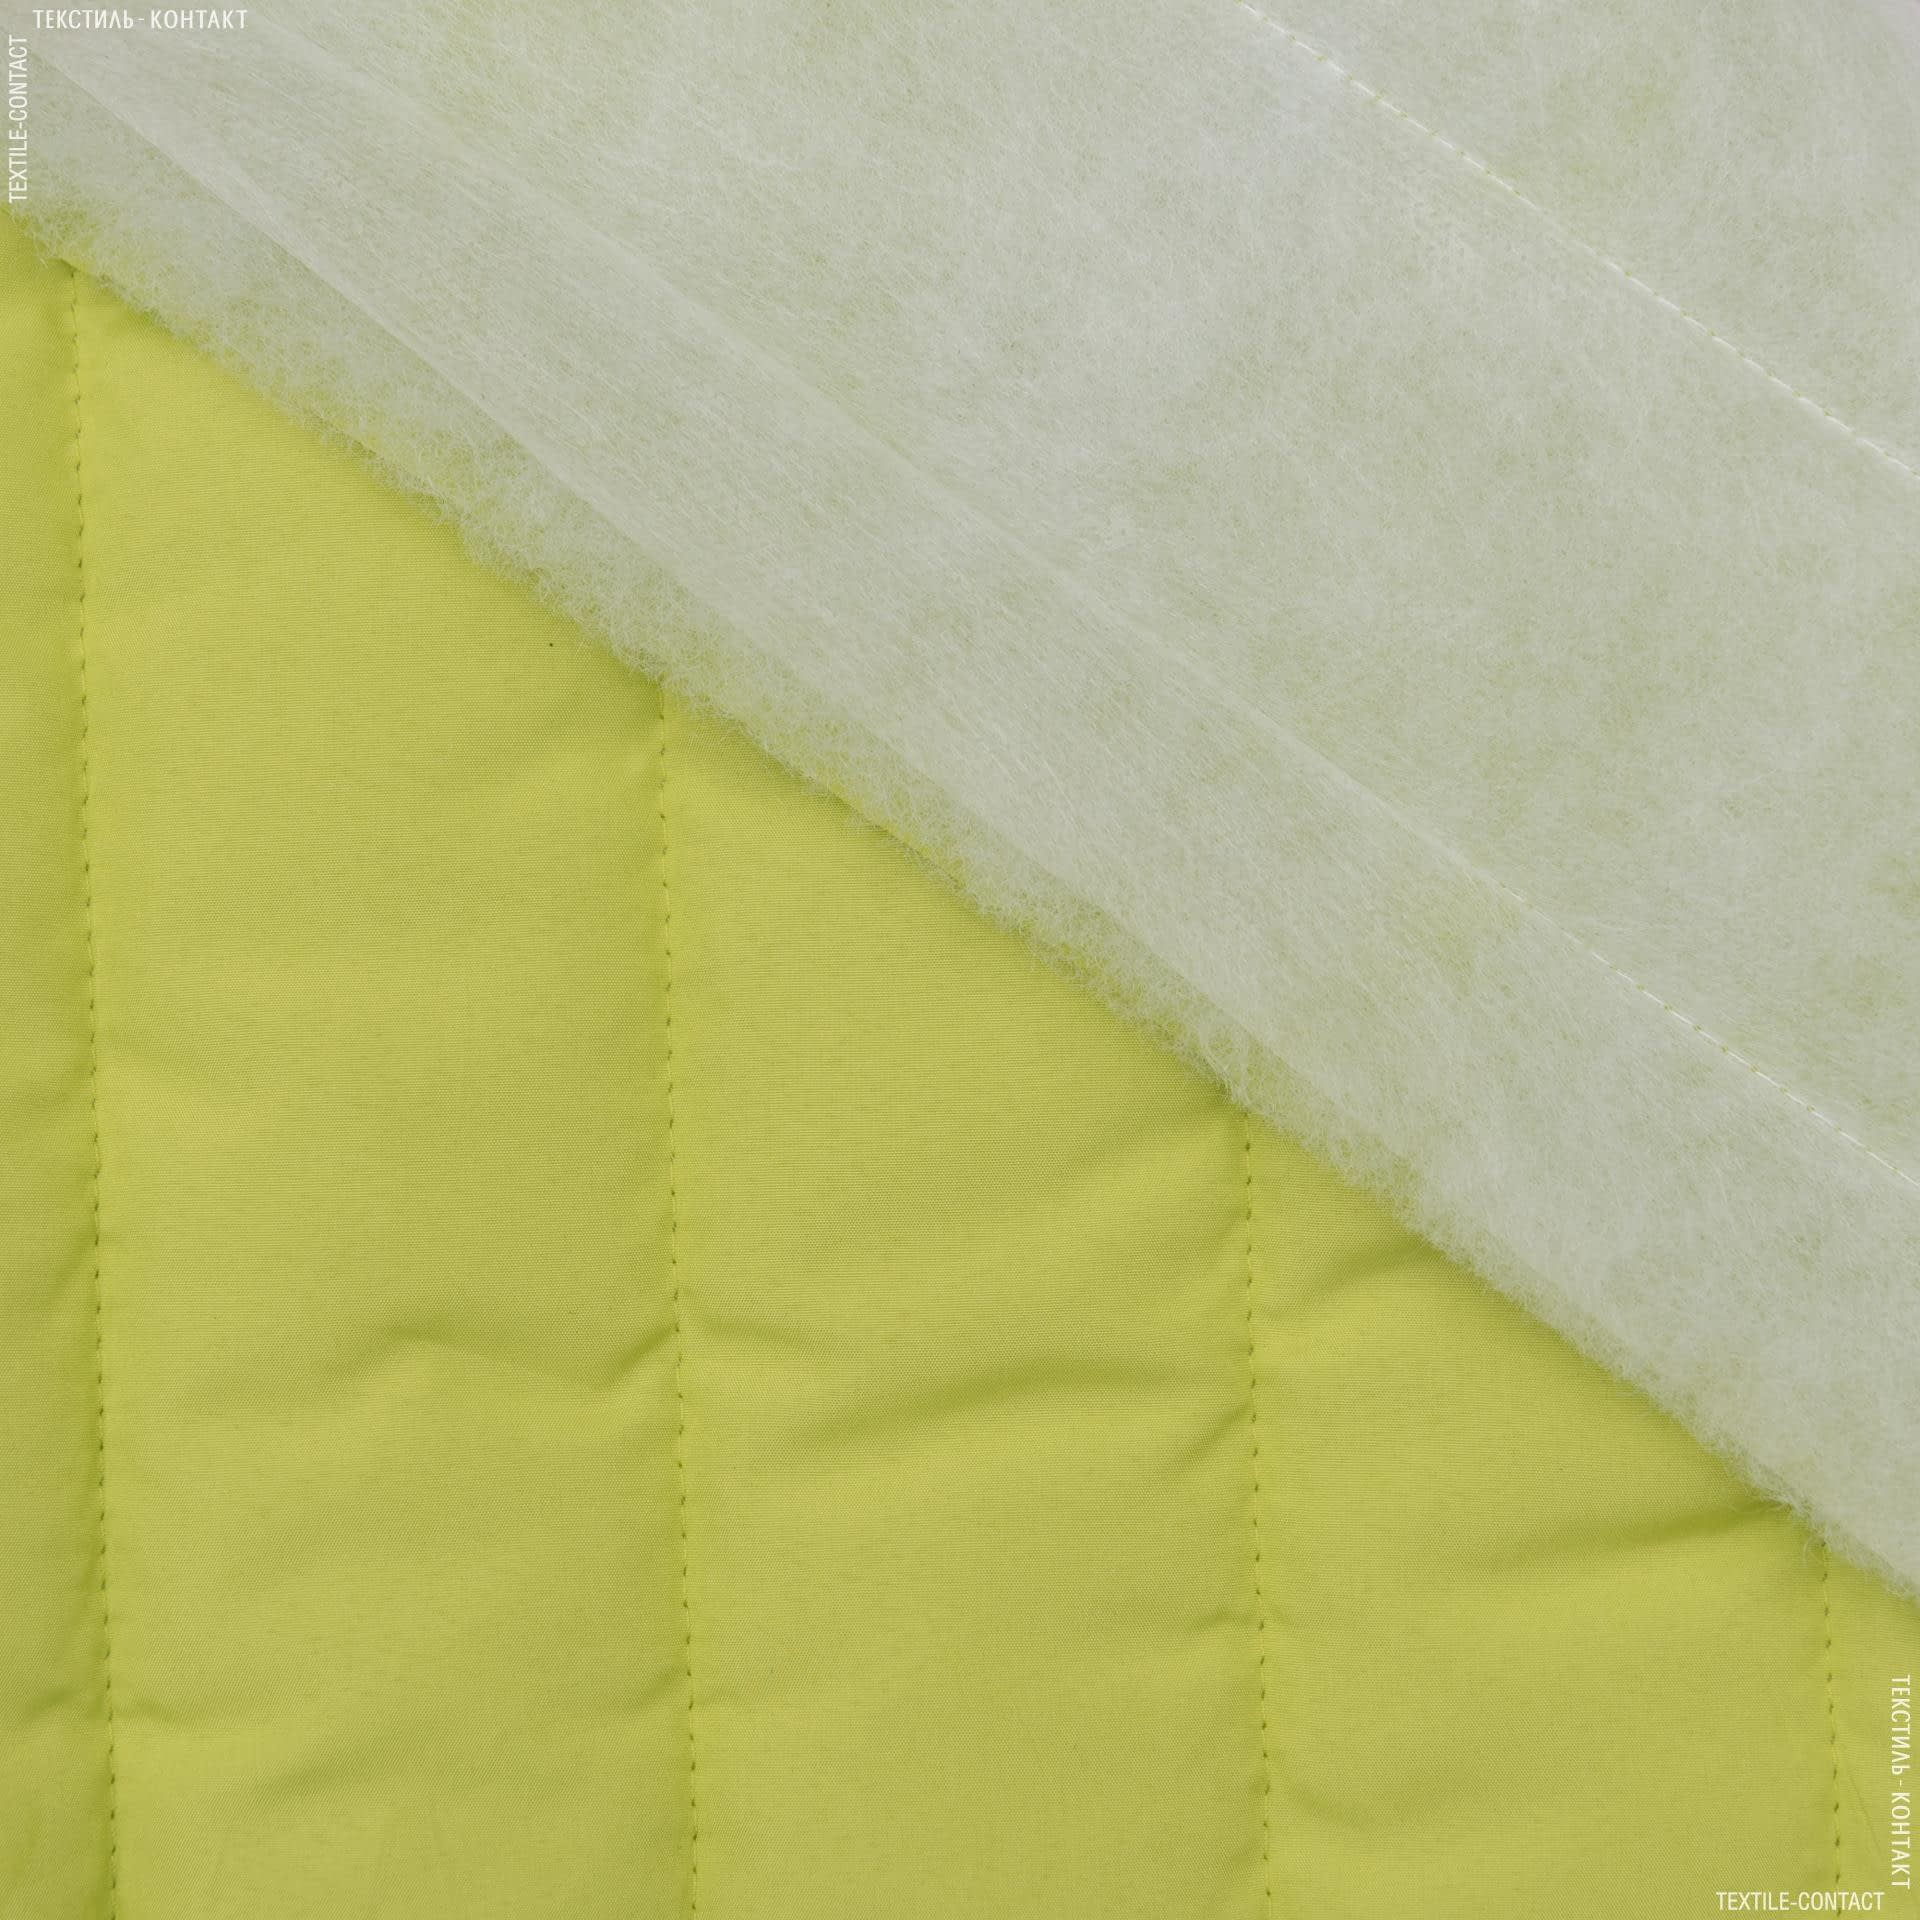 Ткани для верхней одежды - Плащевая фортуна стеганая фисташковый